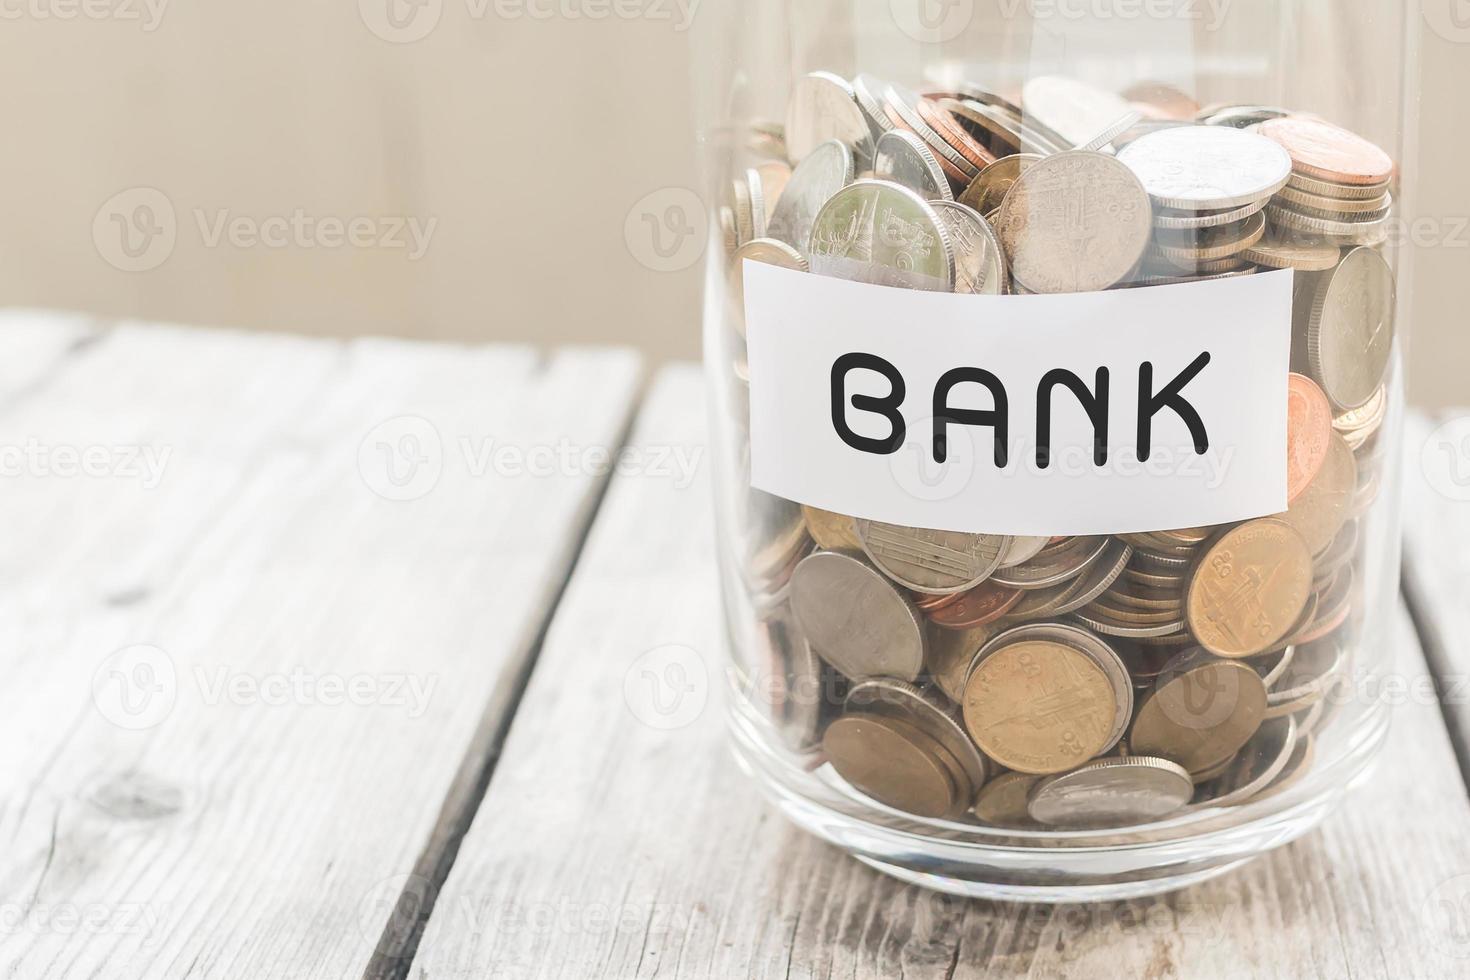 pengar burk med mynt på träbord foto